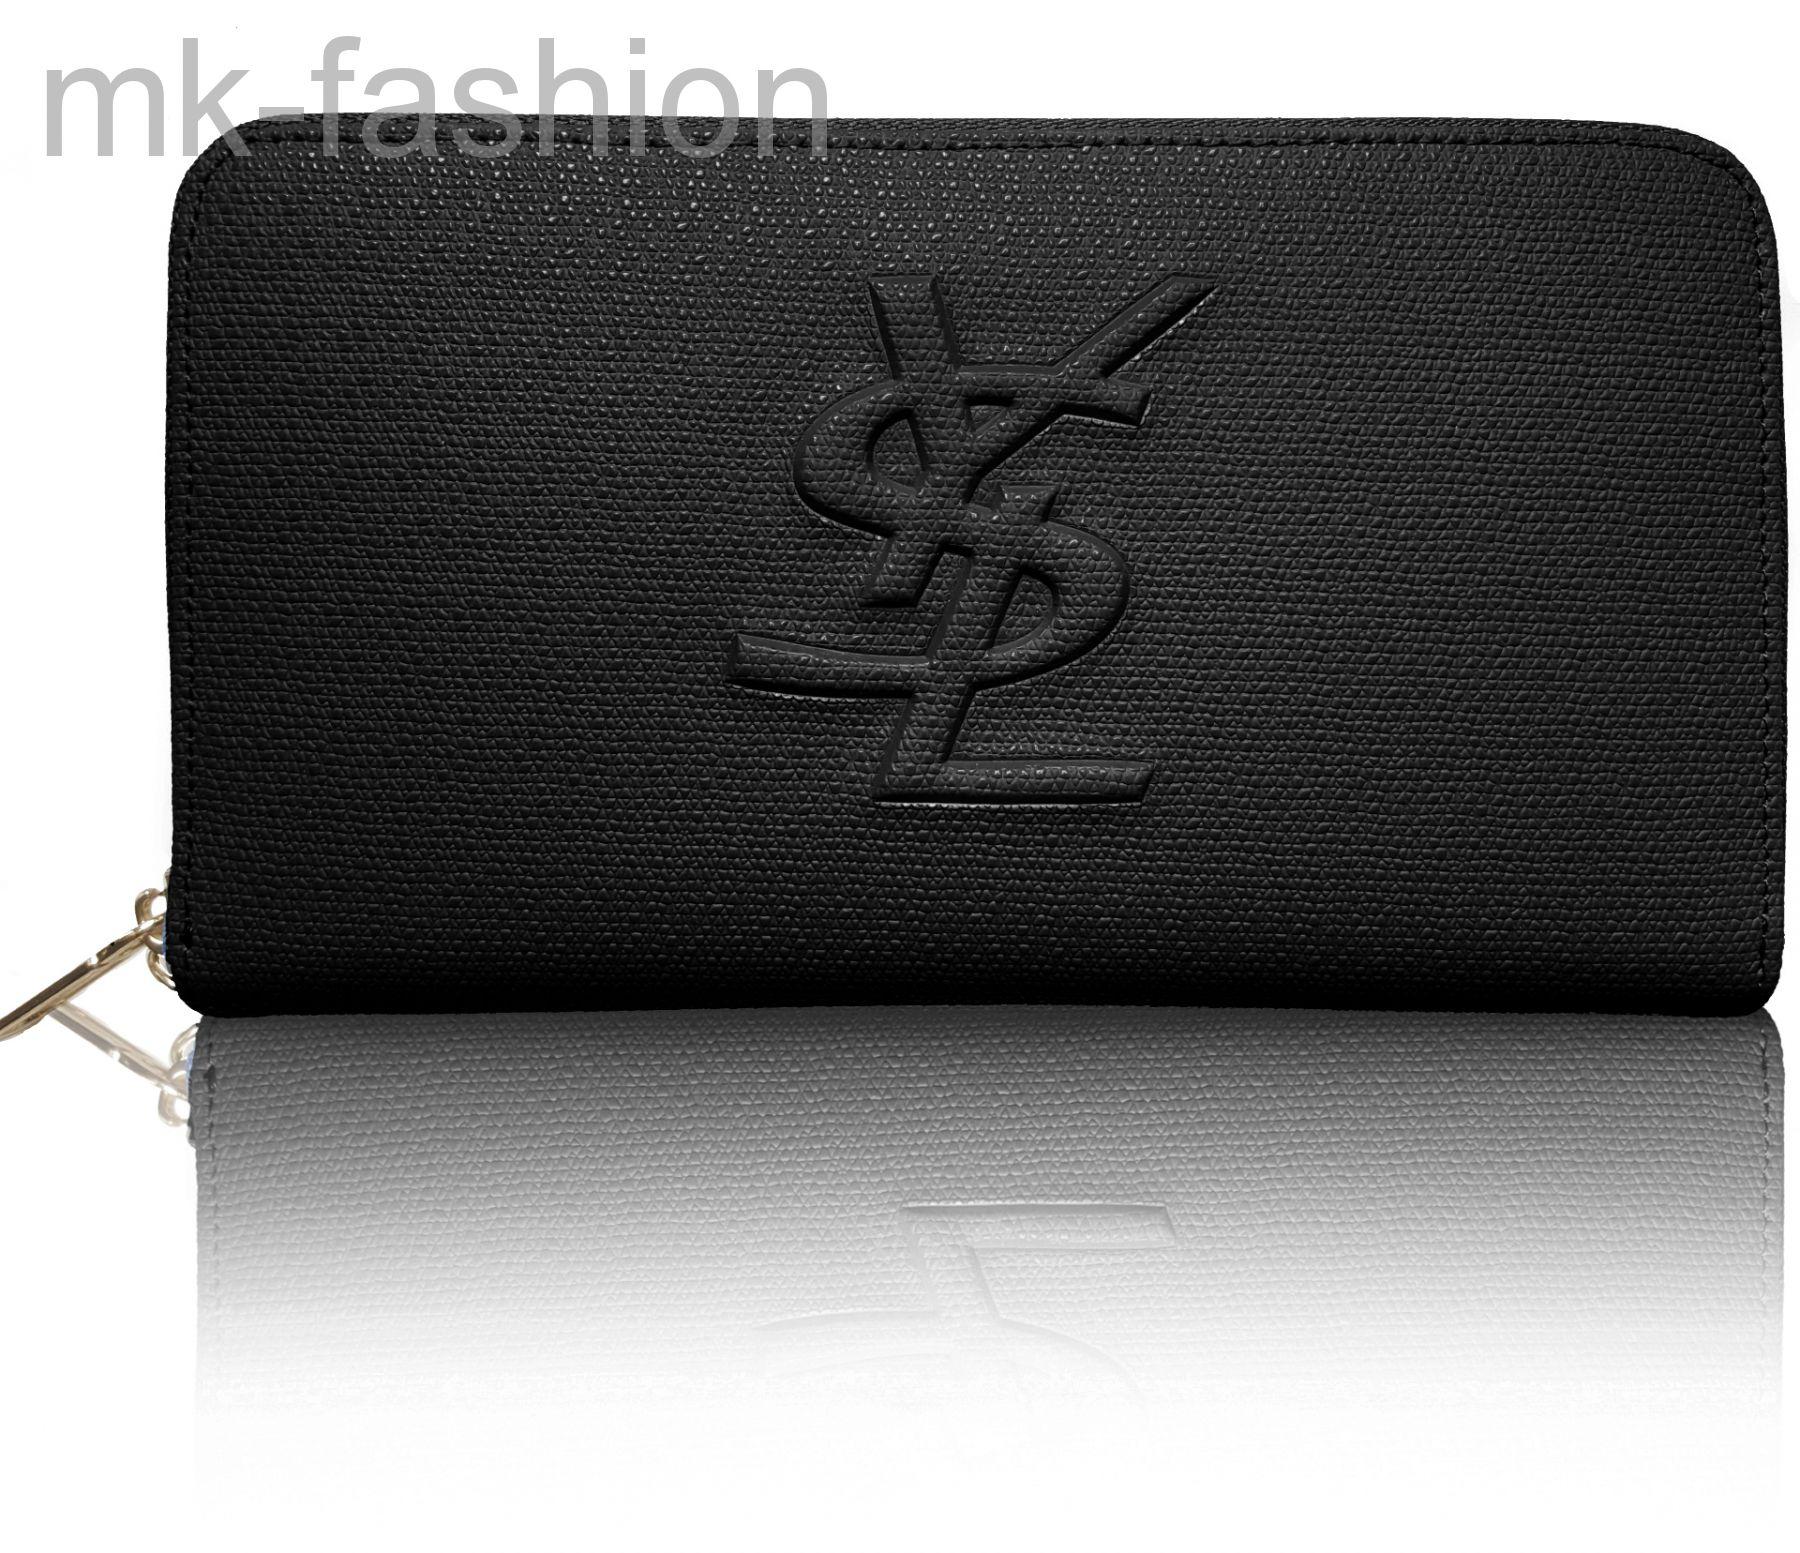 bec008c53308 Кошелек Yves Saint Laurent 1344 кожаный черный с логотипом бренда